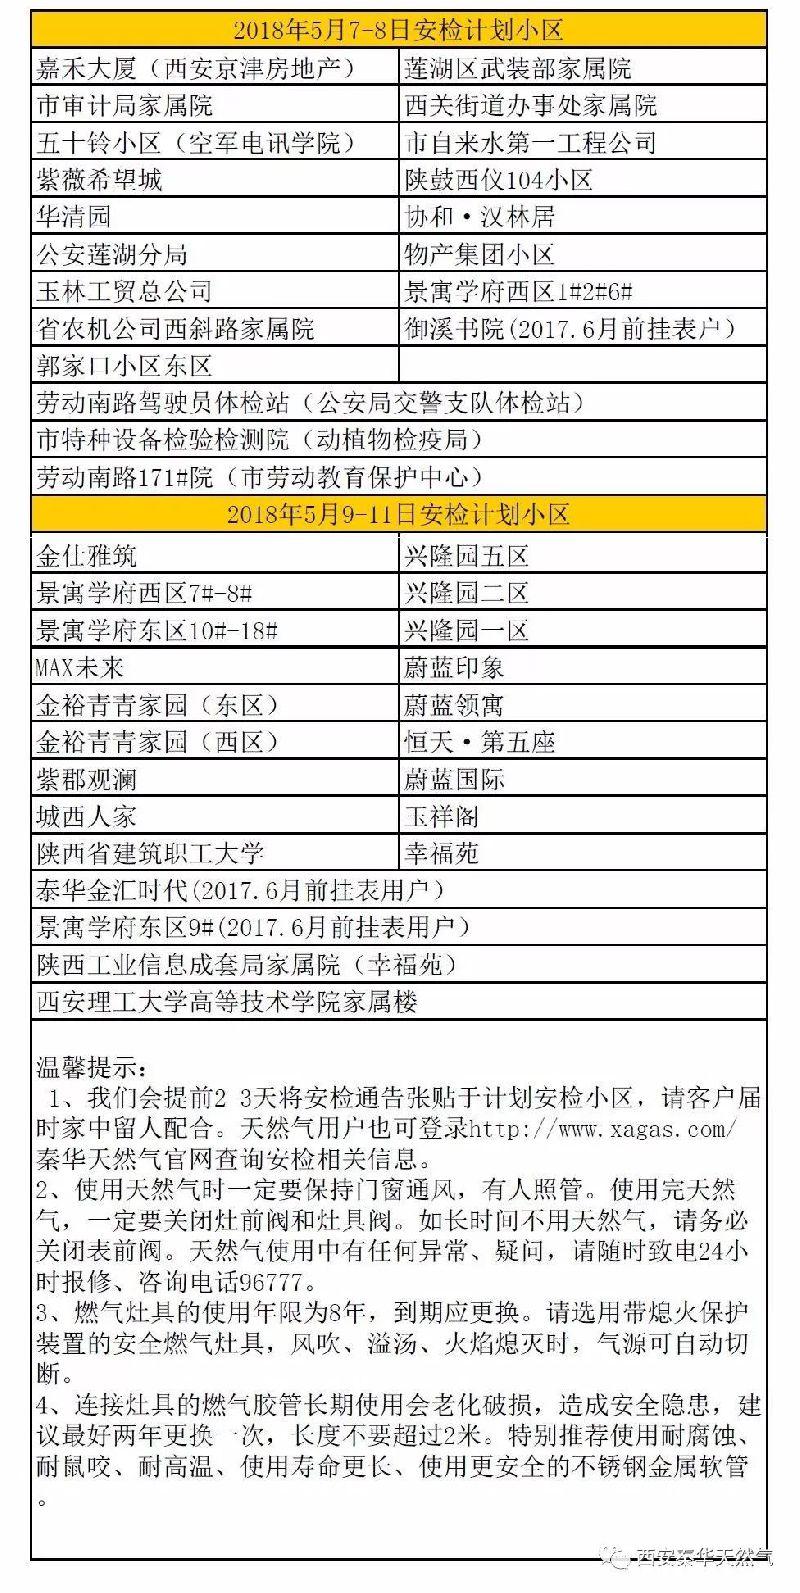 2018西安5月停气安检计划(每周更新)